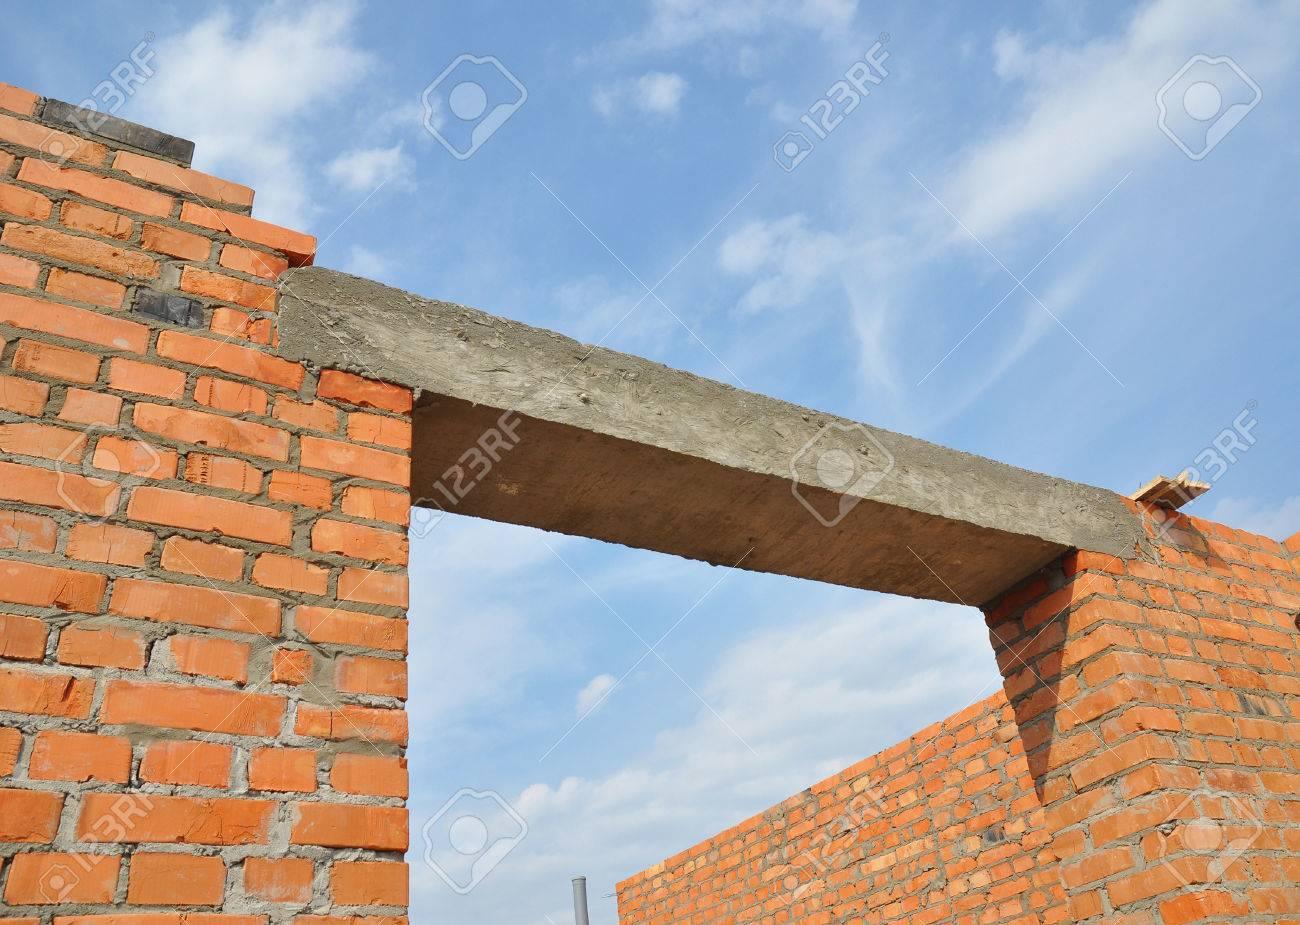 Cierre En Dintel Concreto. Ventana O Puerta De Hormigón Dintel En ...